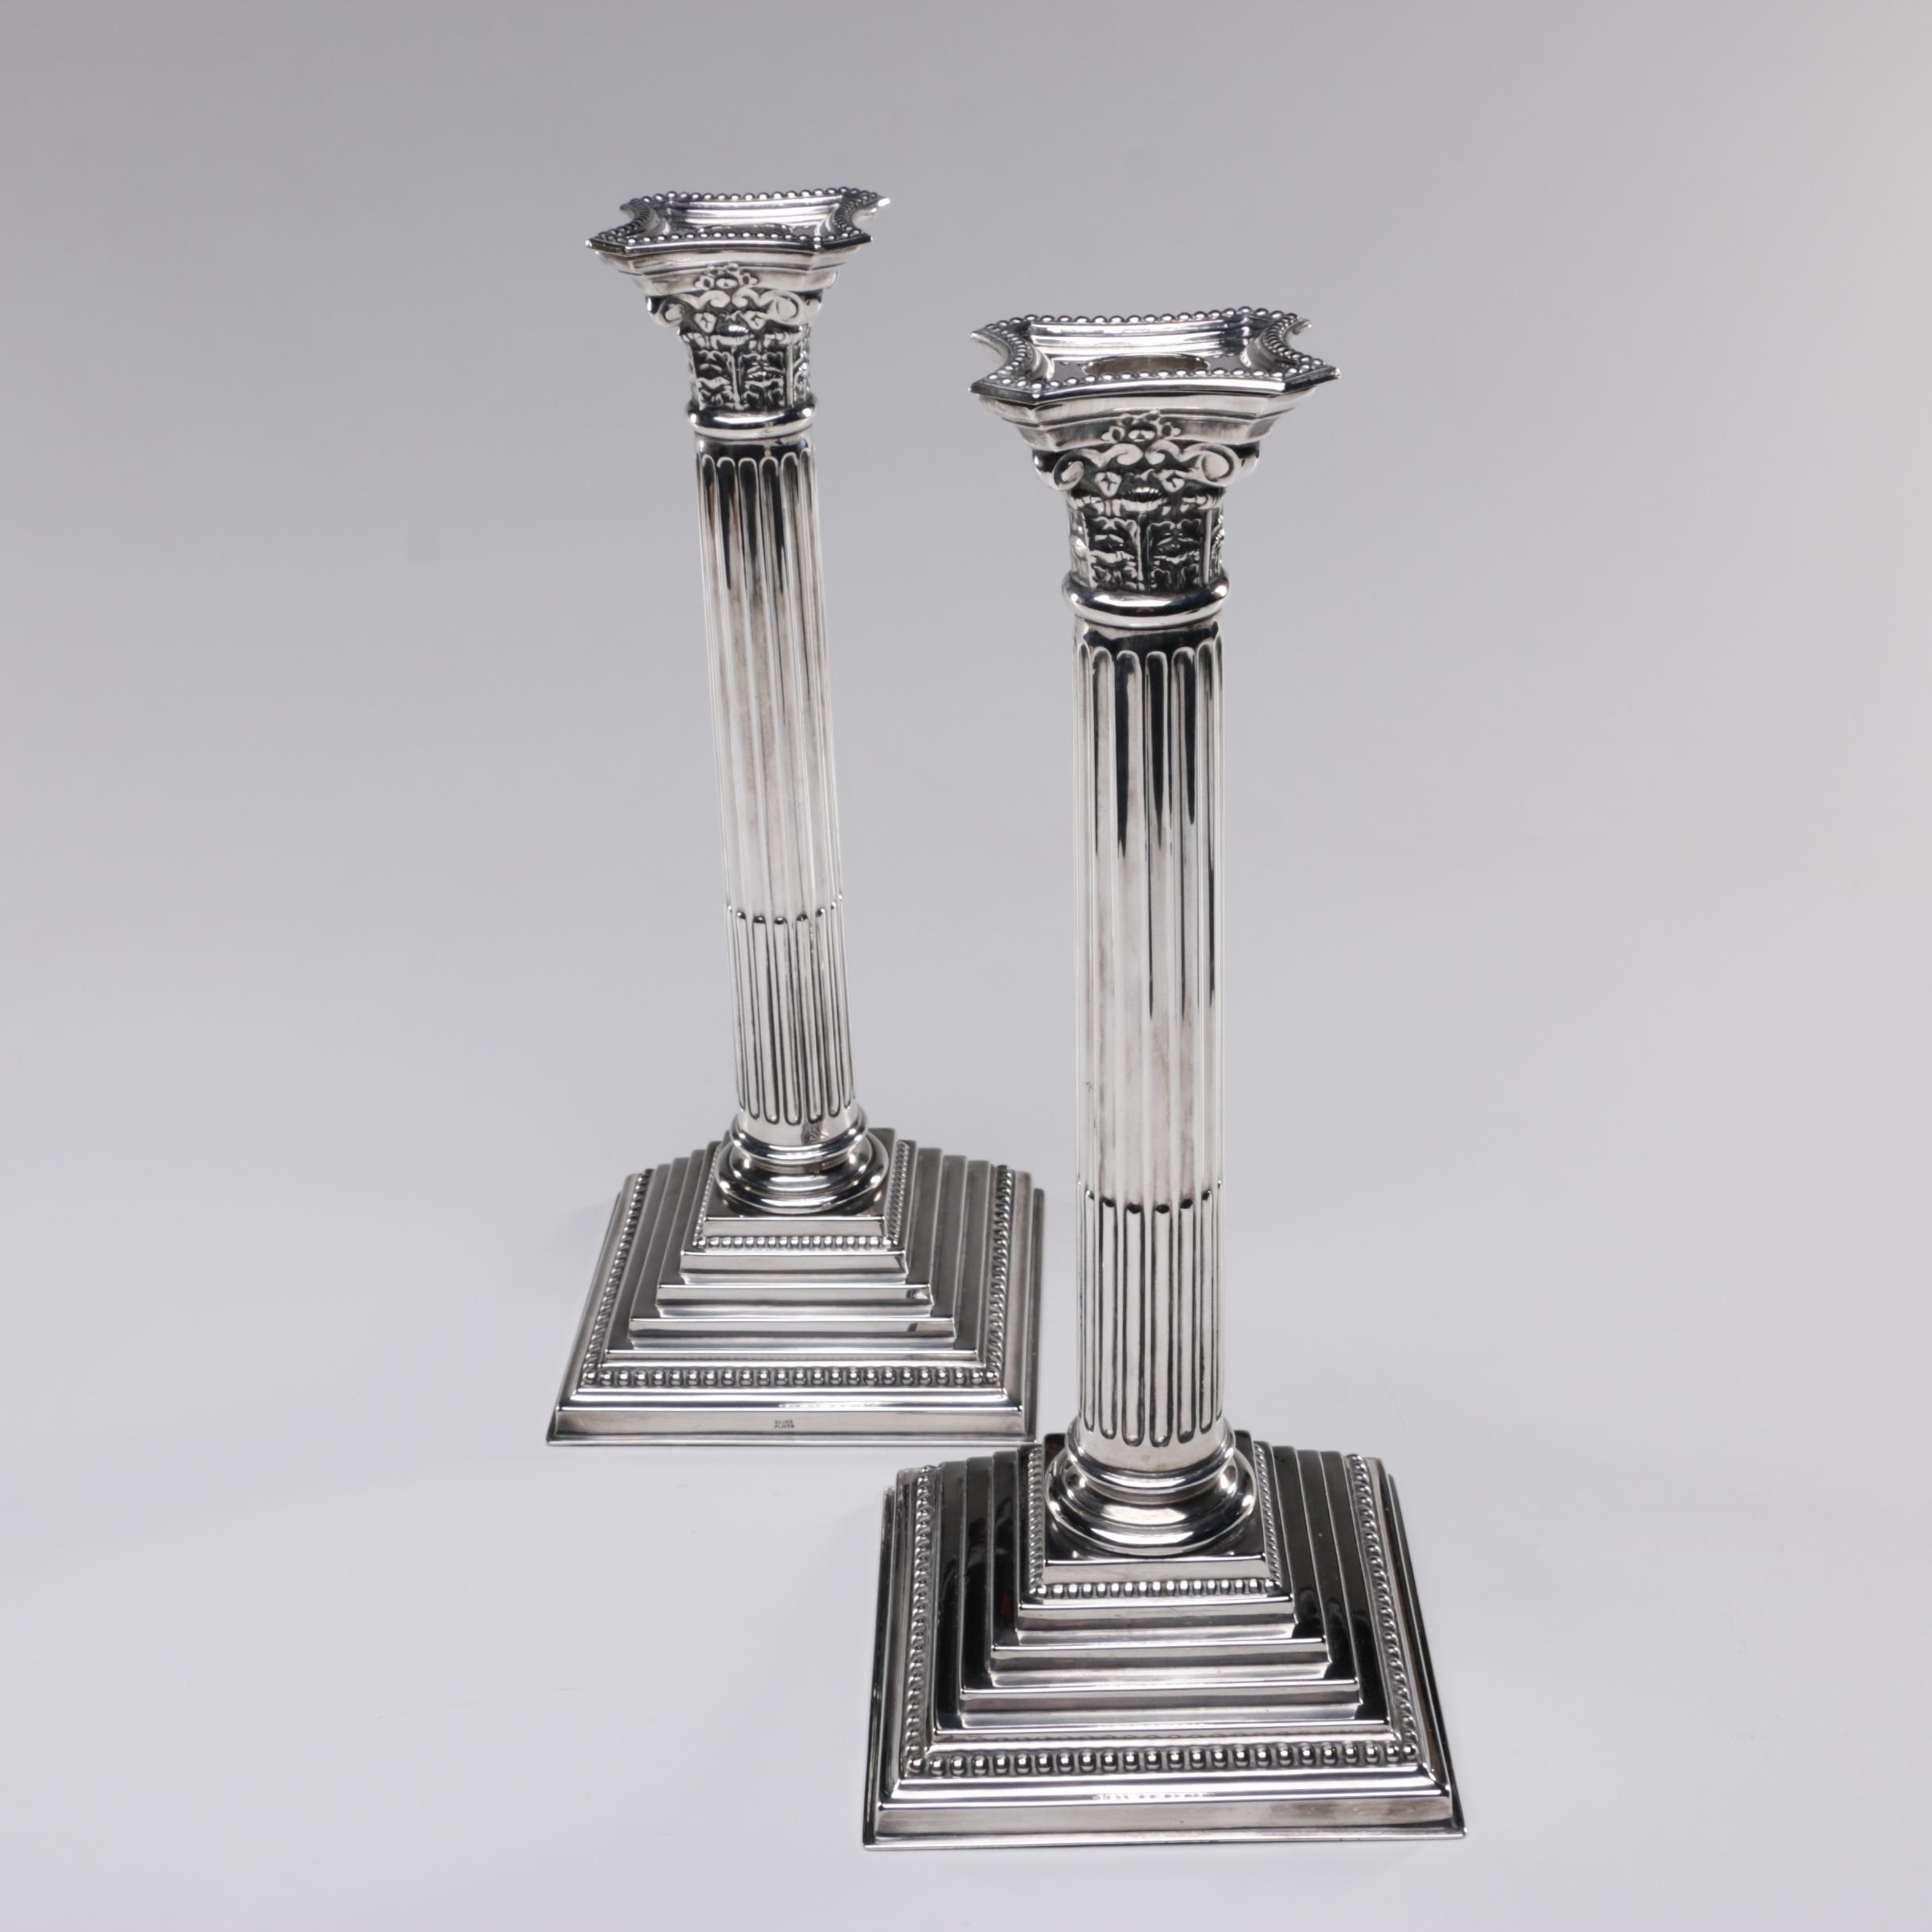 Silver-Plated Corinthian Column Candlesticks